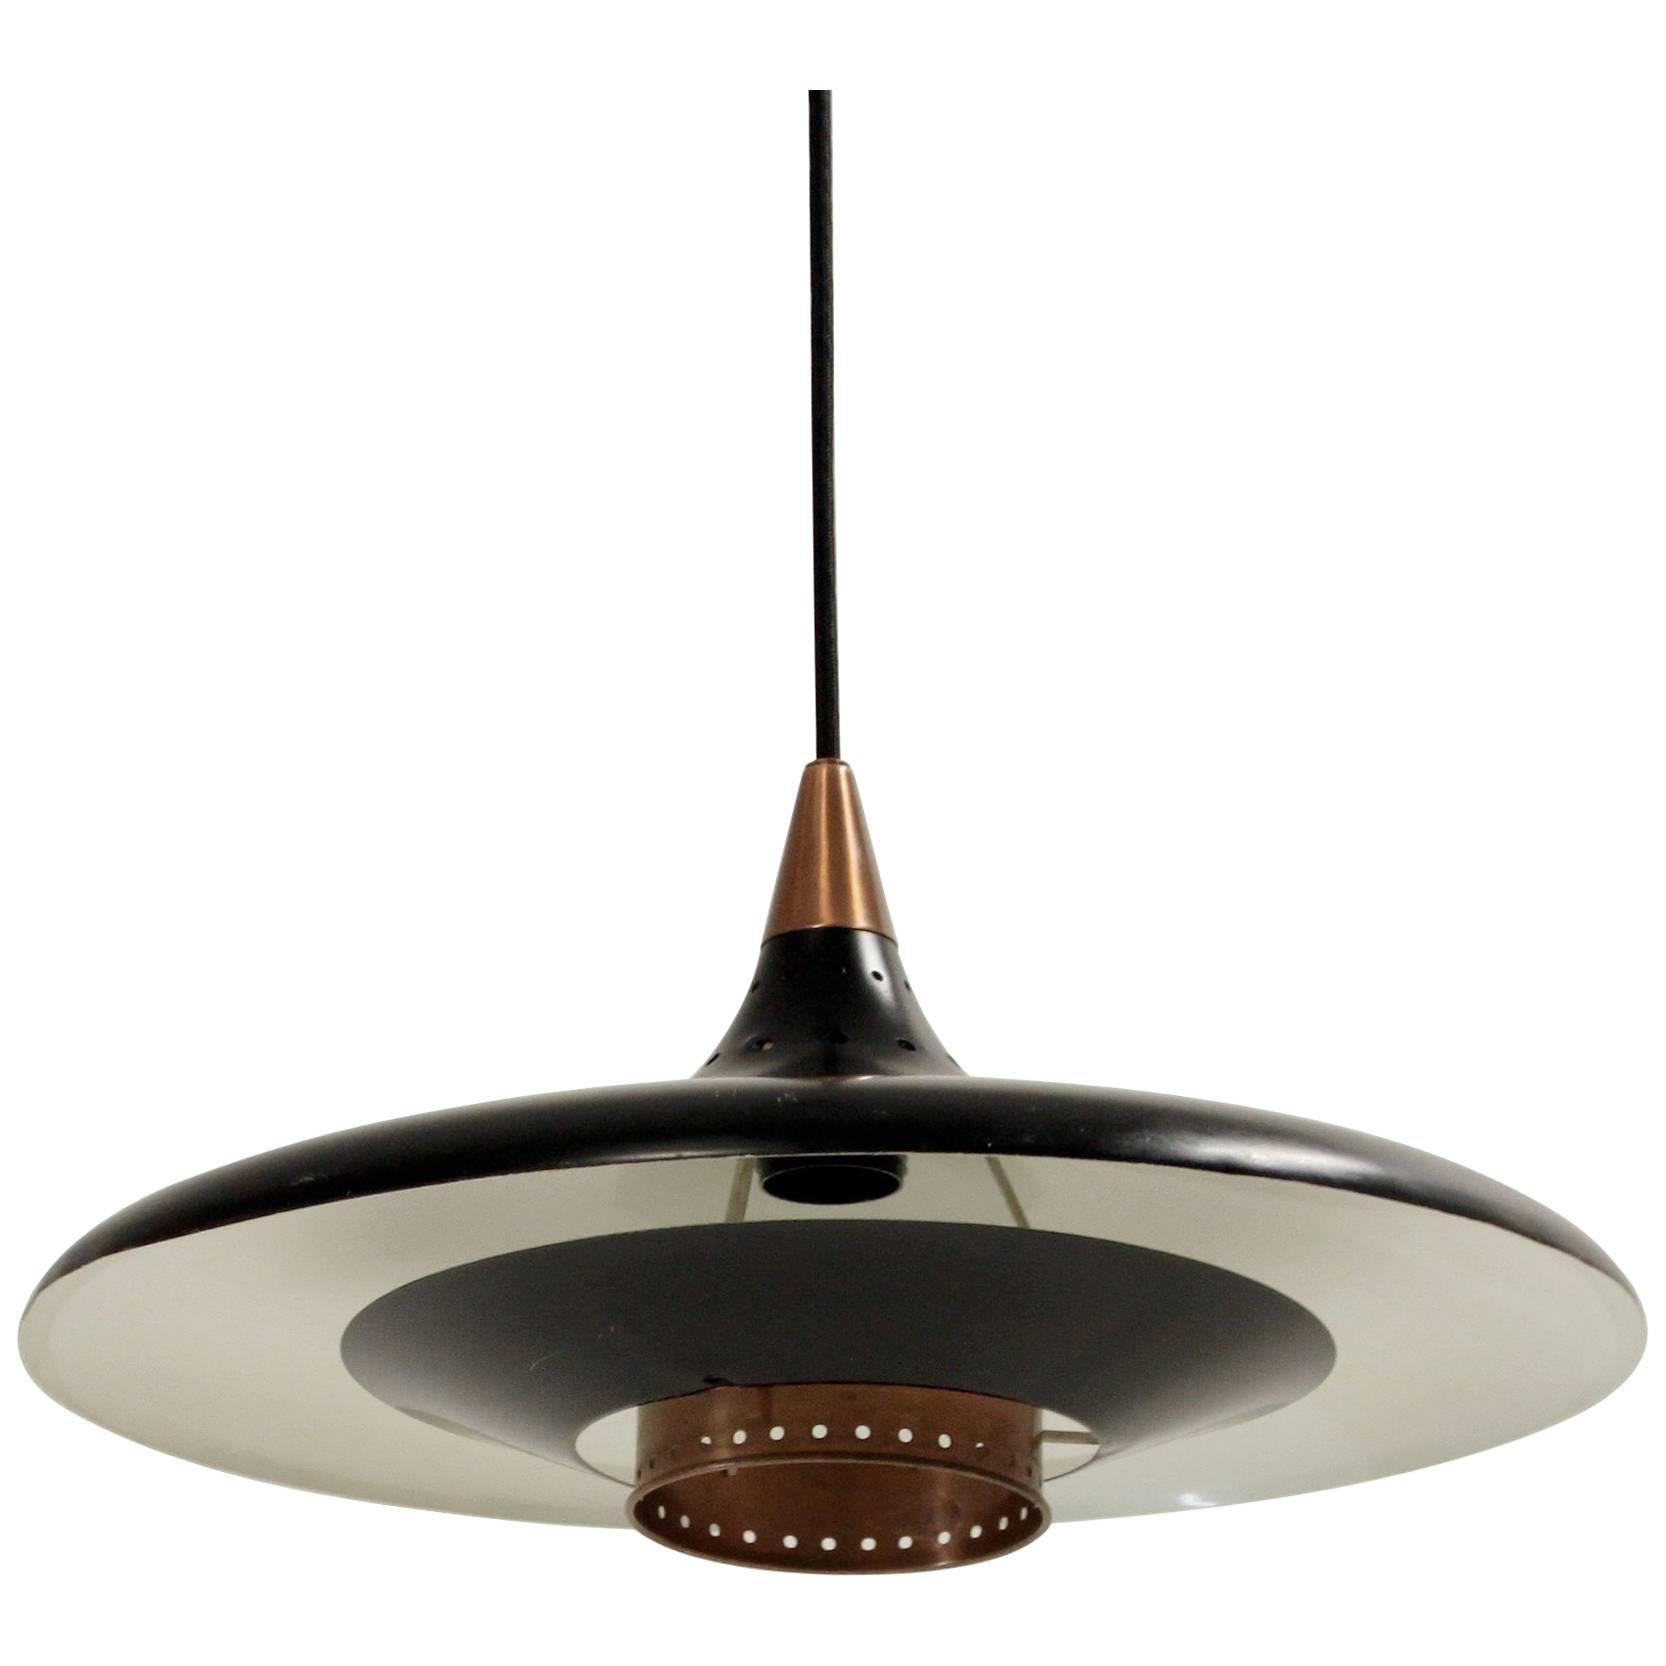 Scandinavian Midcentury Ceiling Light, 1960s